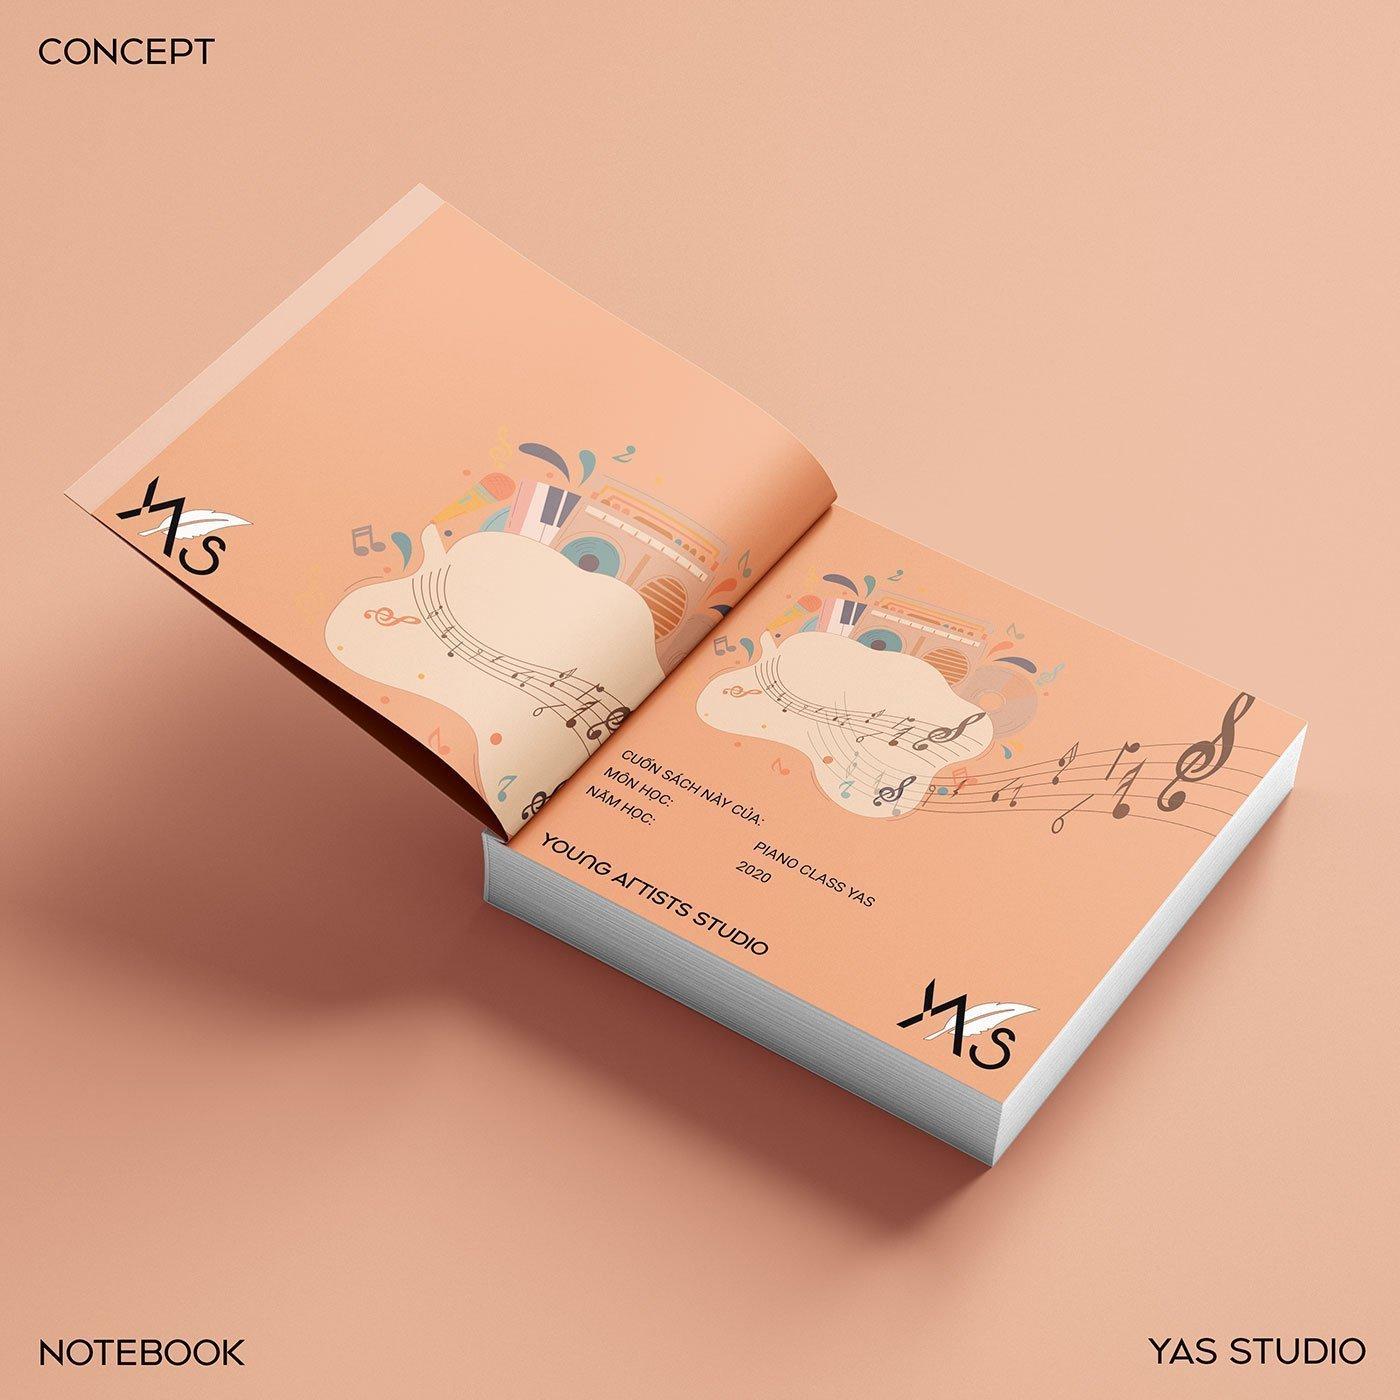 bìa sách nhạc YAS Young Artists Studio-quảng-bá-thương-hiệu-thiết-kế-branding-cho-thương-hiệu YAS-xây-dựng-logo-doanh-nghiệp-thiết-kế-ấn-phẩm-quảng-cáo-thương-hiệu-thiết-kế-Helixgram